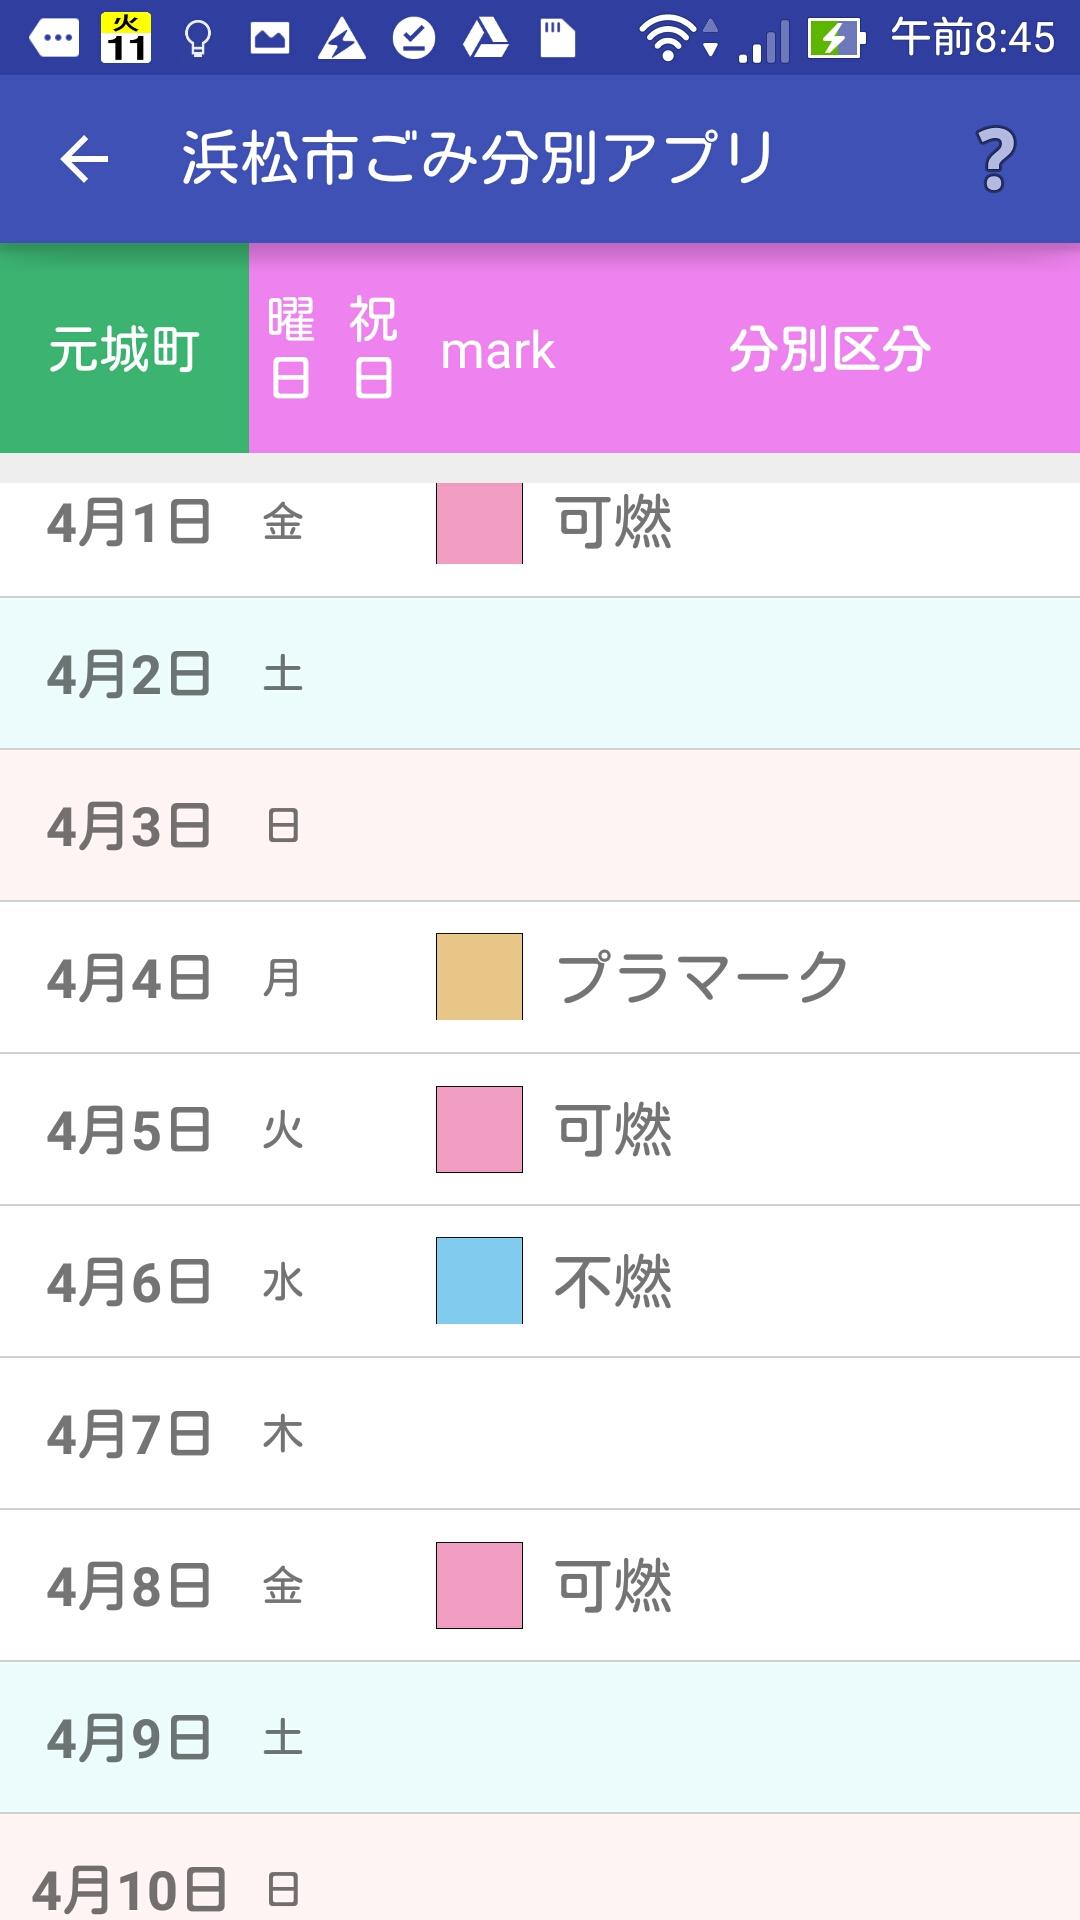 中 カレンダー ゴミ 浜松 市 区